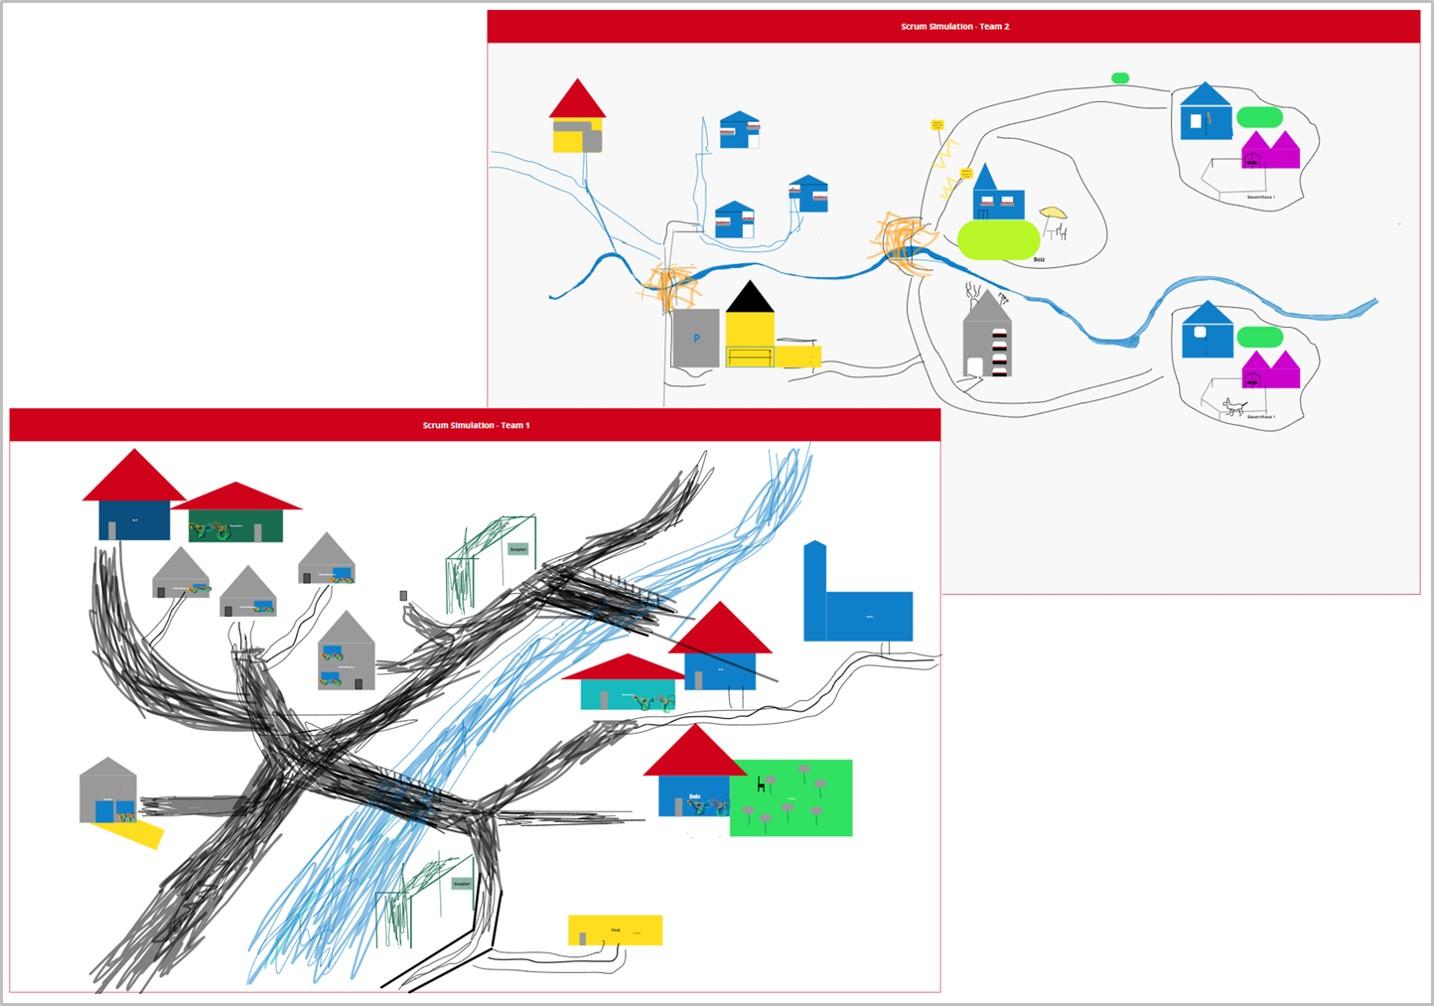 Ergebnisse der Scrum-Simulation: Entwurf von Dörfern